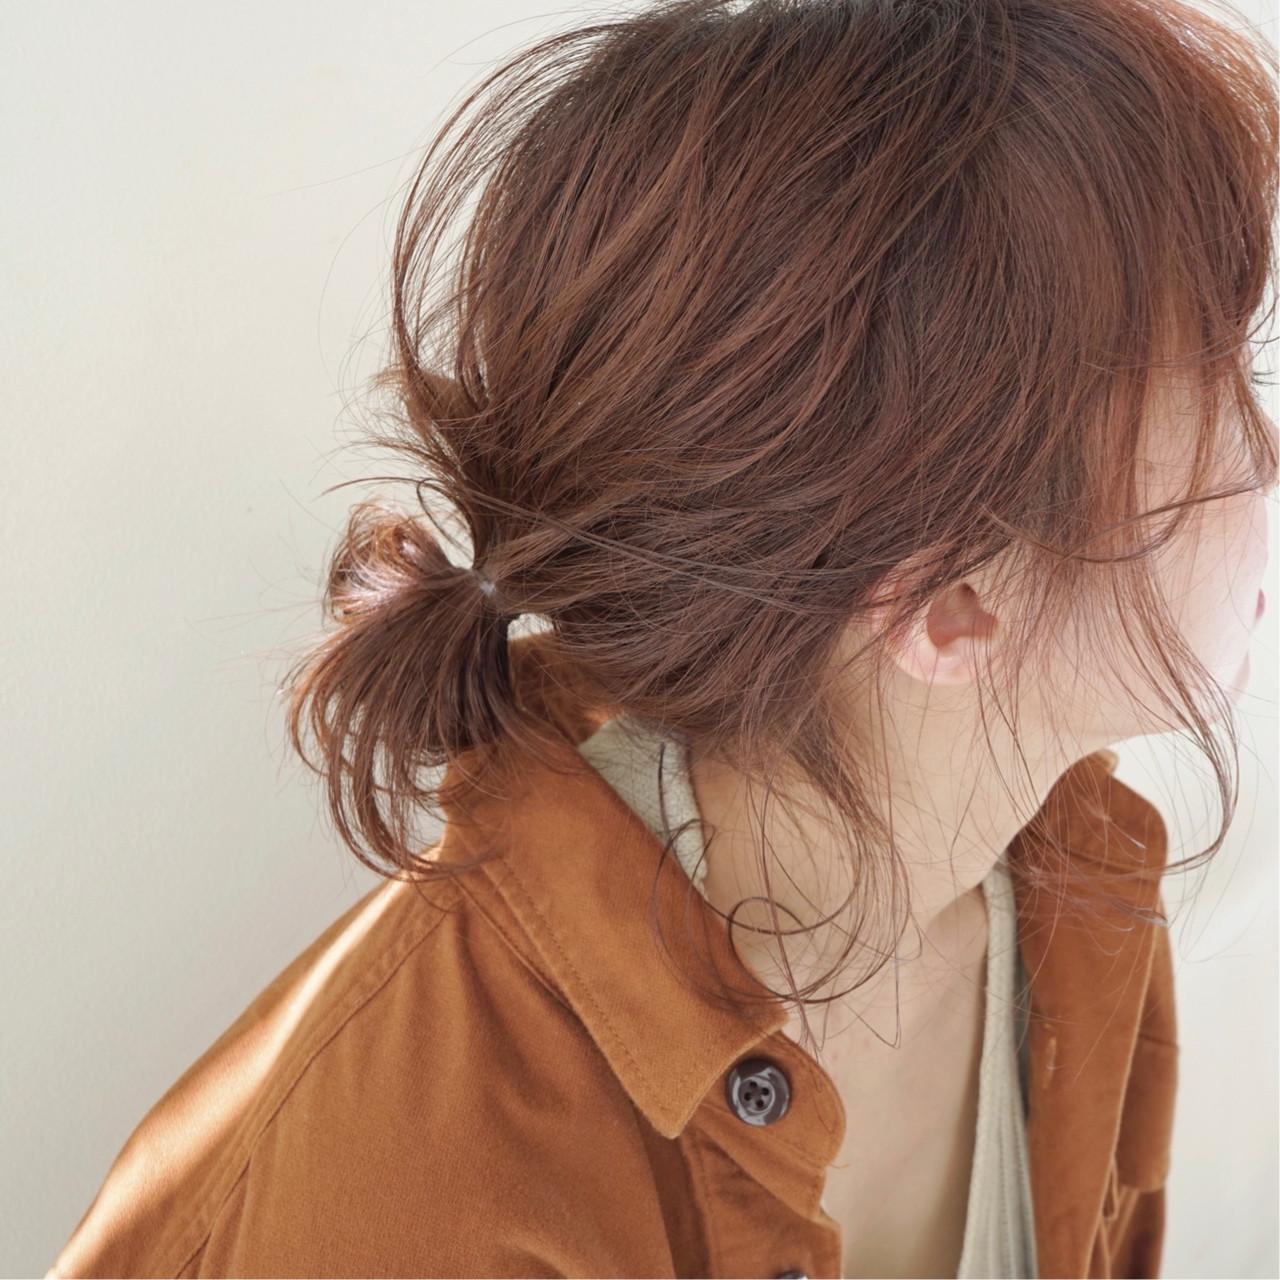 アプリコットオレンジ ミディアム オレンジベージュ ナチュラル ヘアスタイルや髪型の写真・画像 | 花井啓好 / mateca hairマテカヘアー